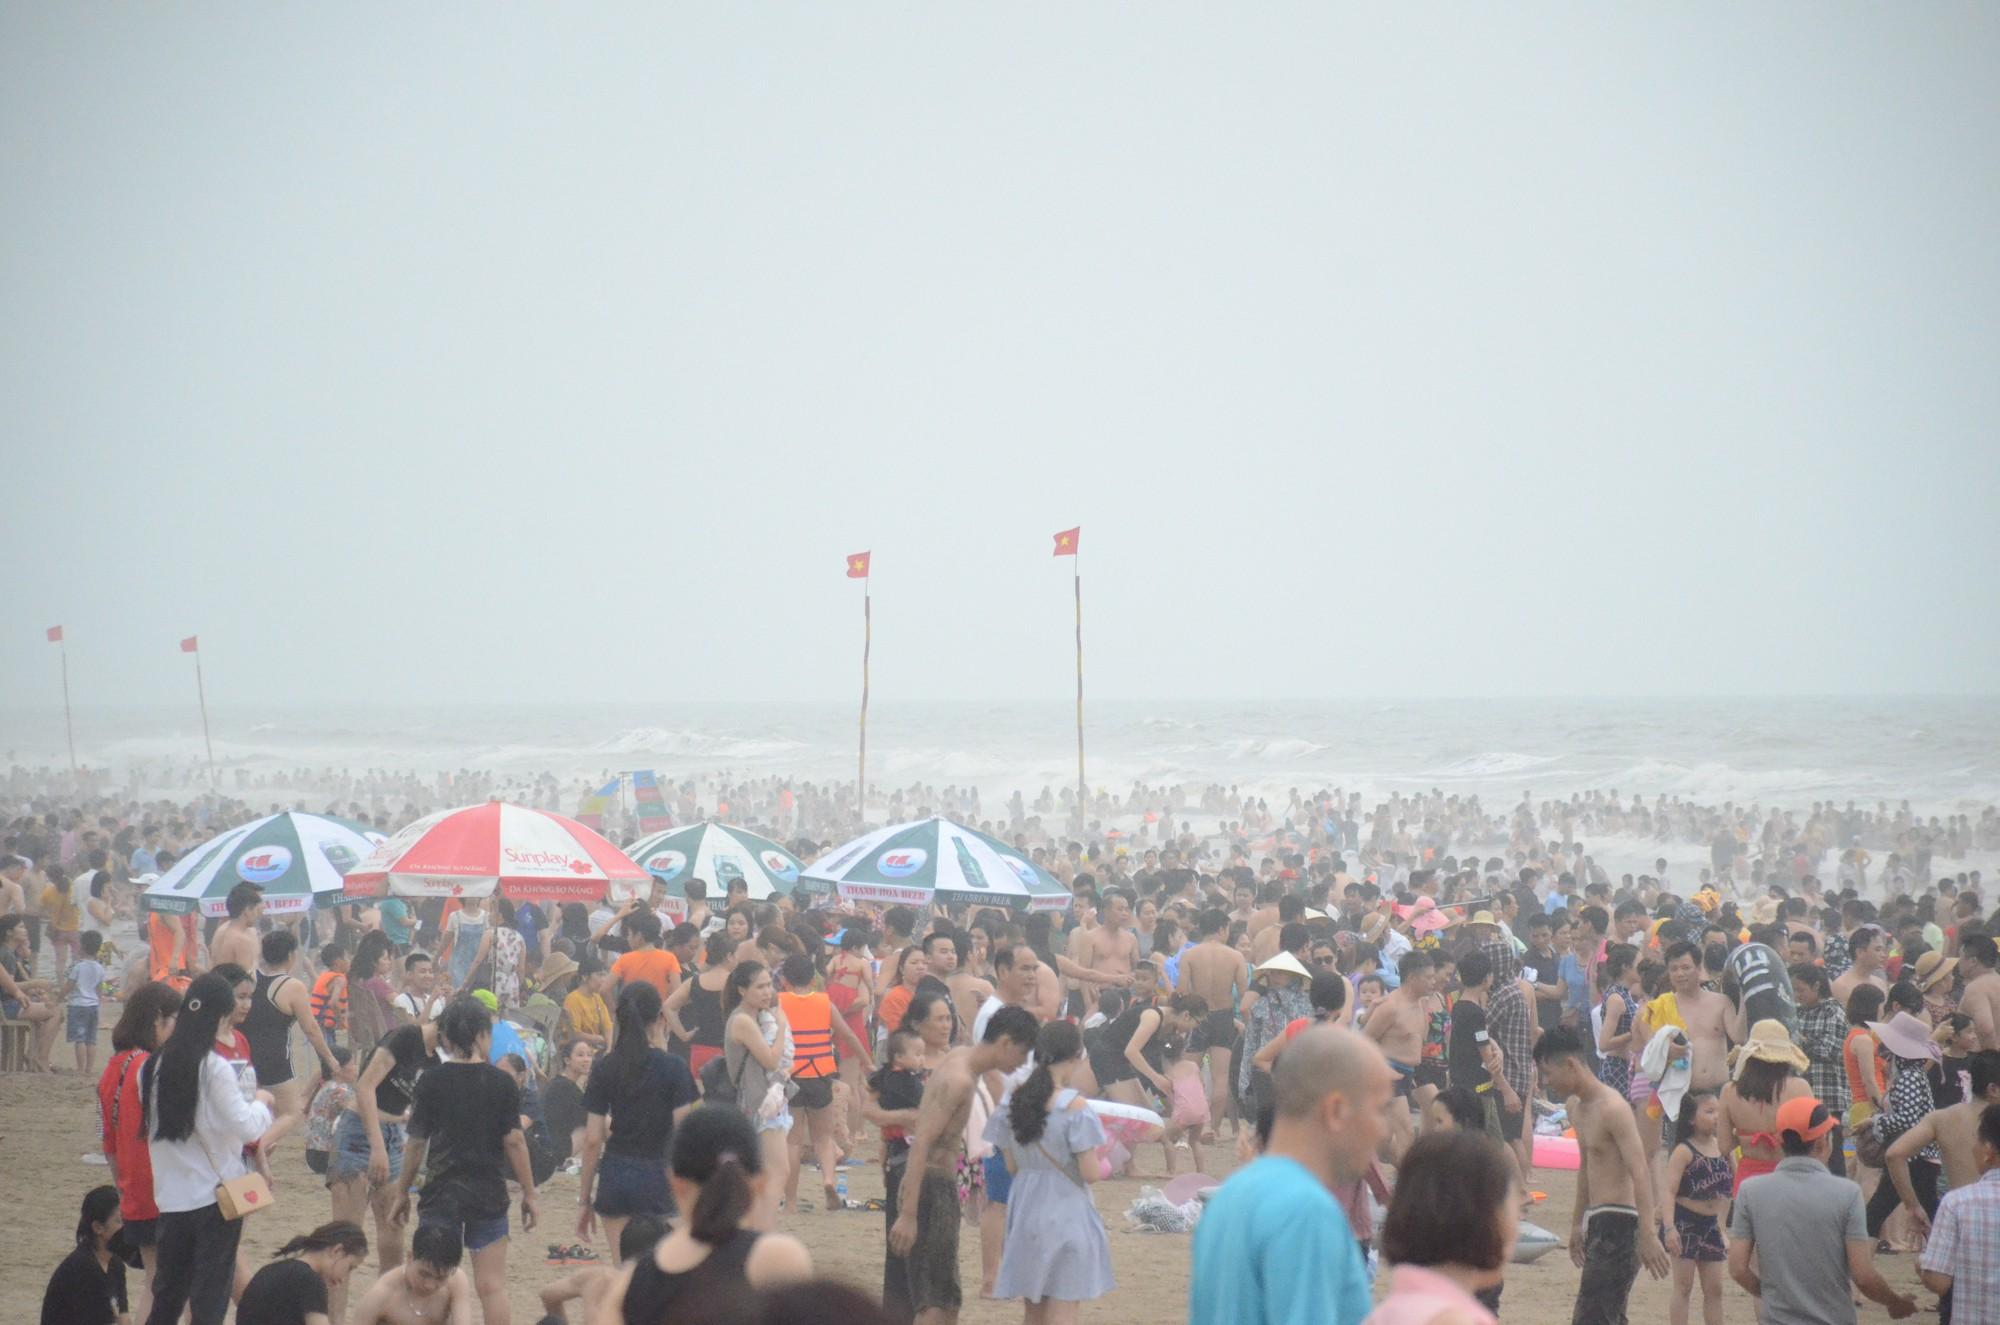 Ảnh: Biển Sầm Sơn đục ngầu, hàng vạn người vẫn chen chúc vui chơi